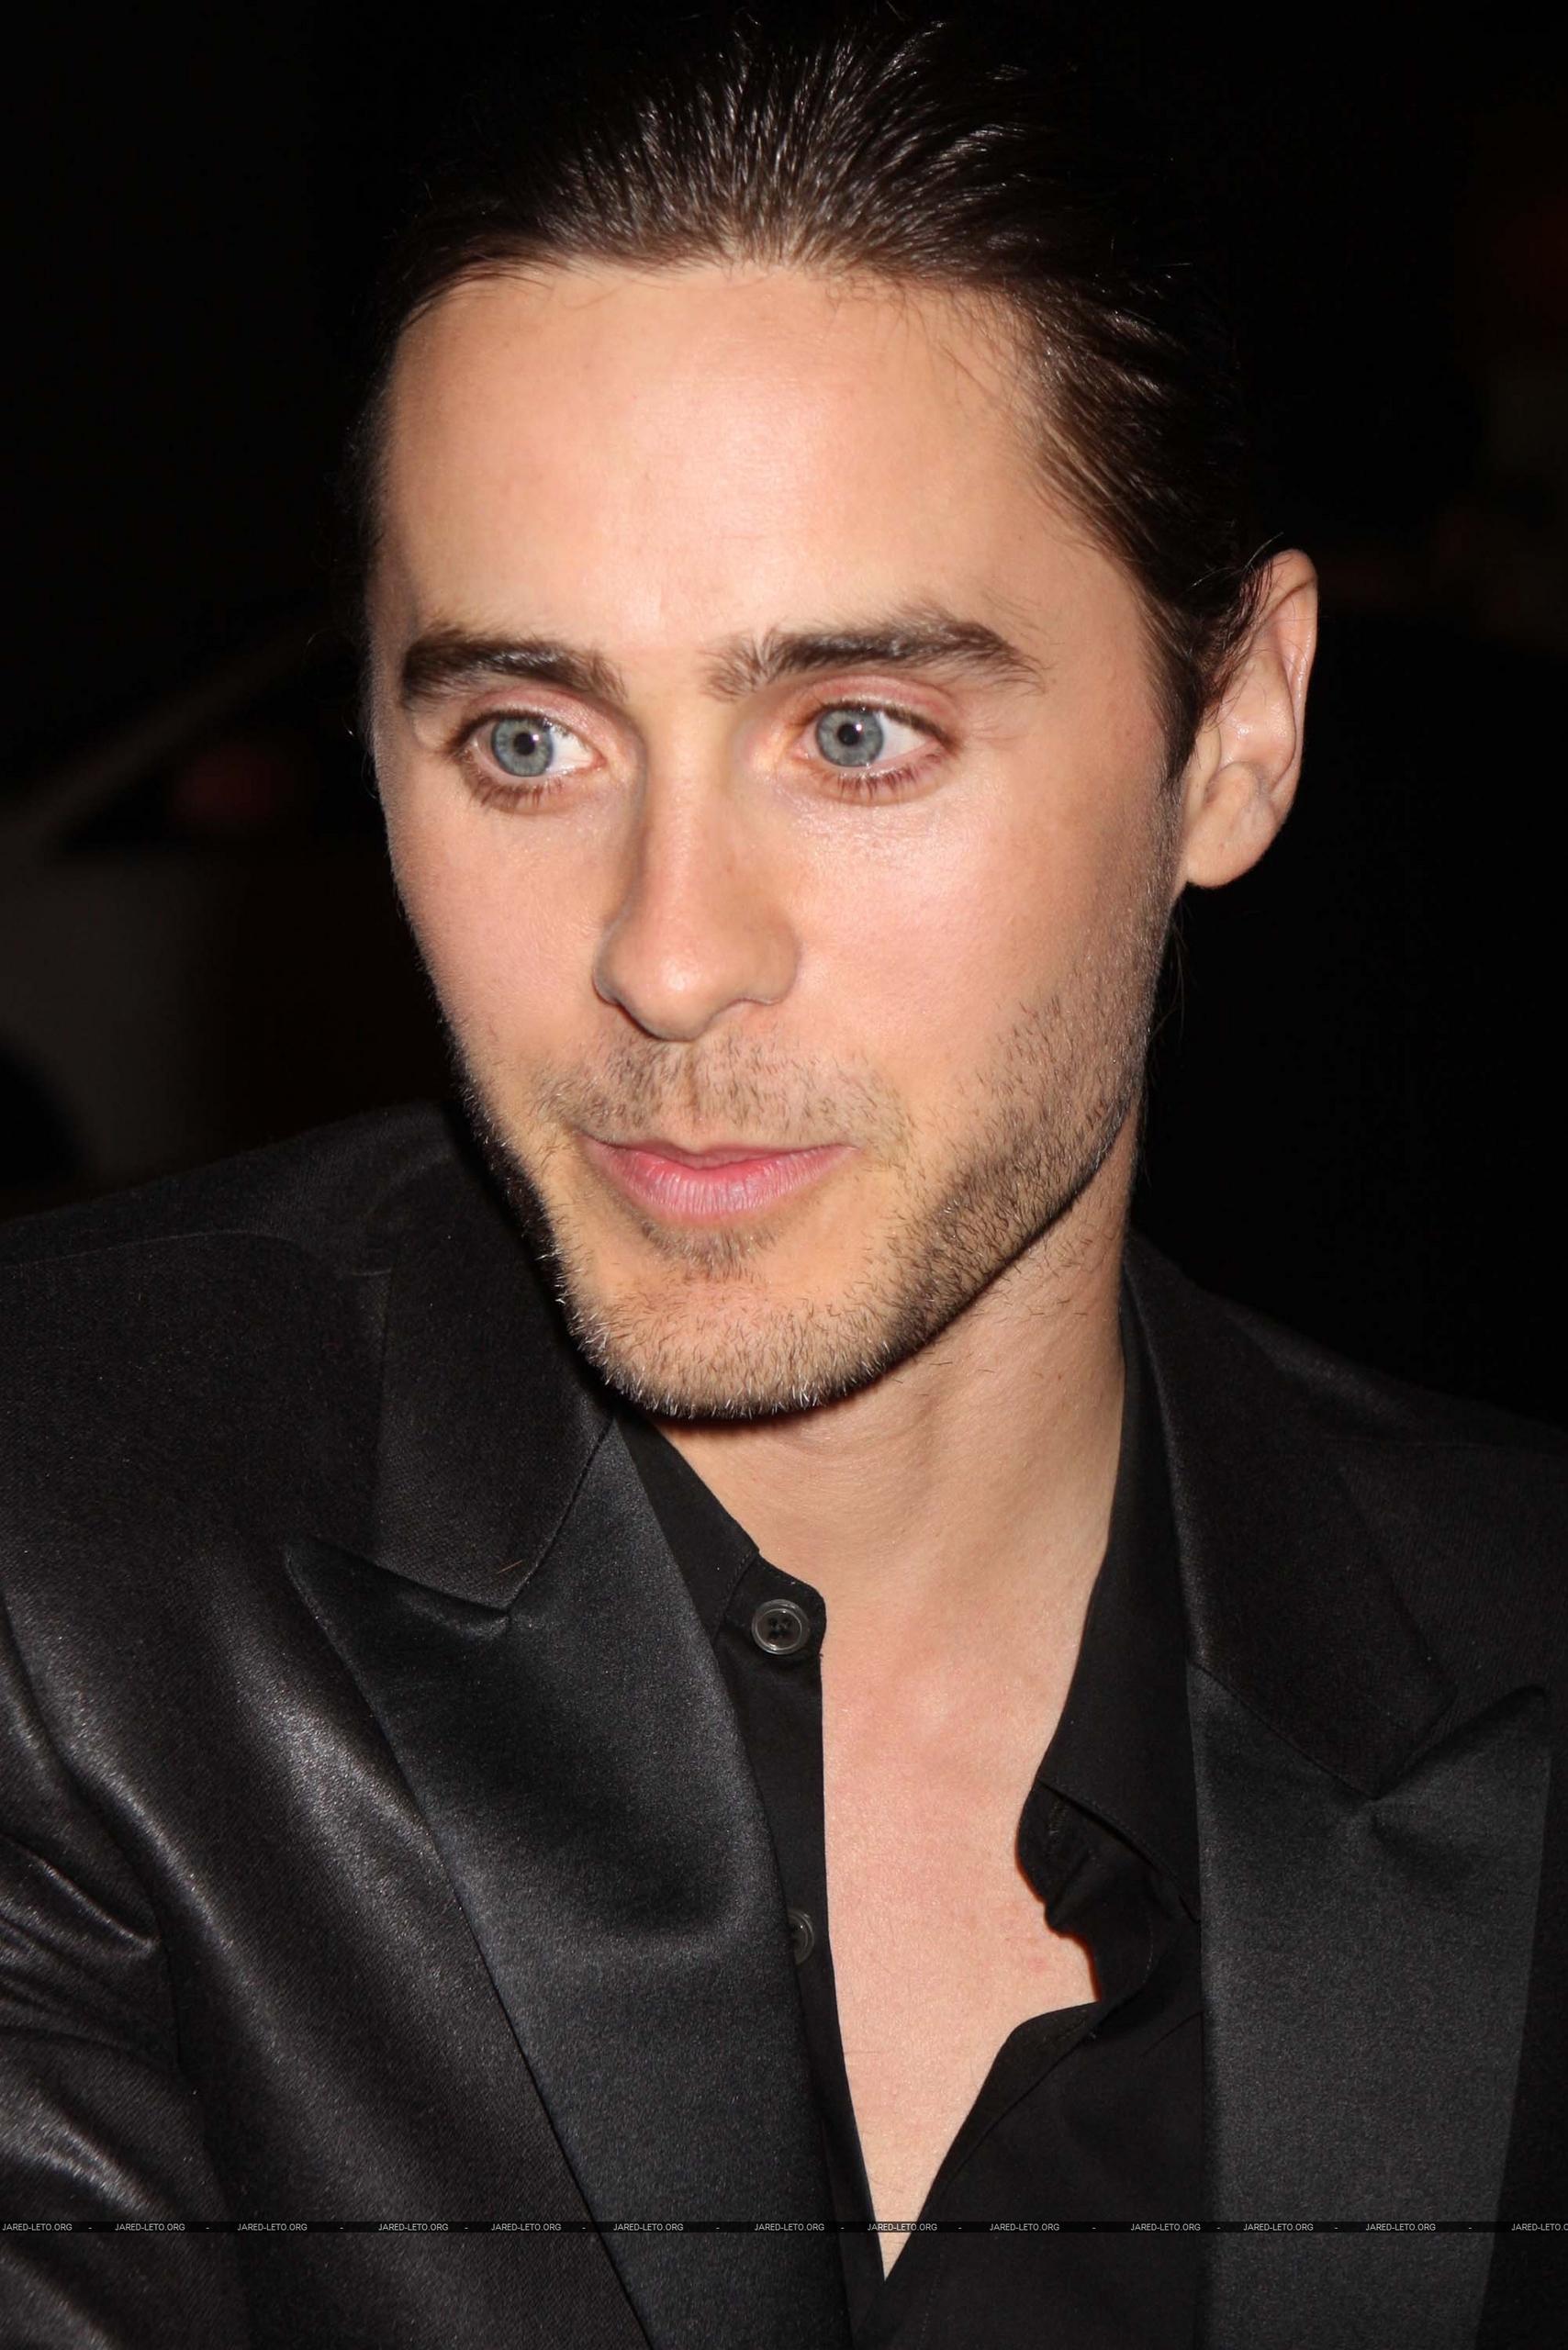 Jared leto jared leto!